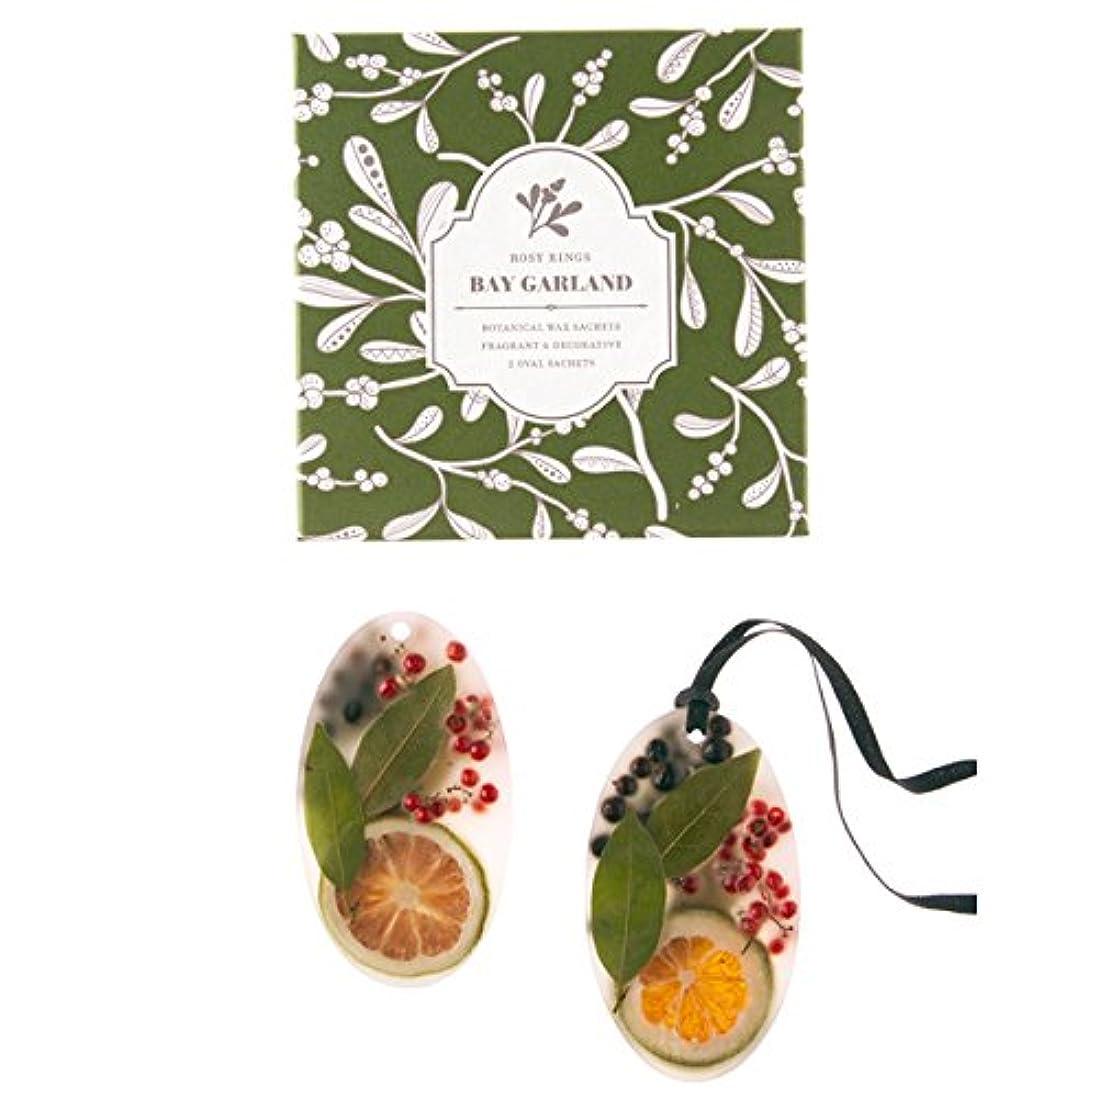 ロージーリングス ボタニカルワックスサシェ オーバル ベイガーランド ROSY RINGS Signature Collection Botanical Wax Sachets – Bay Garland